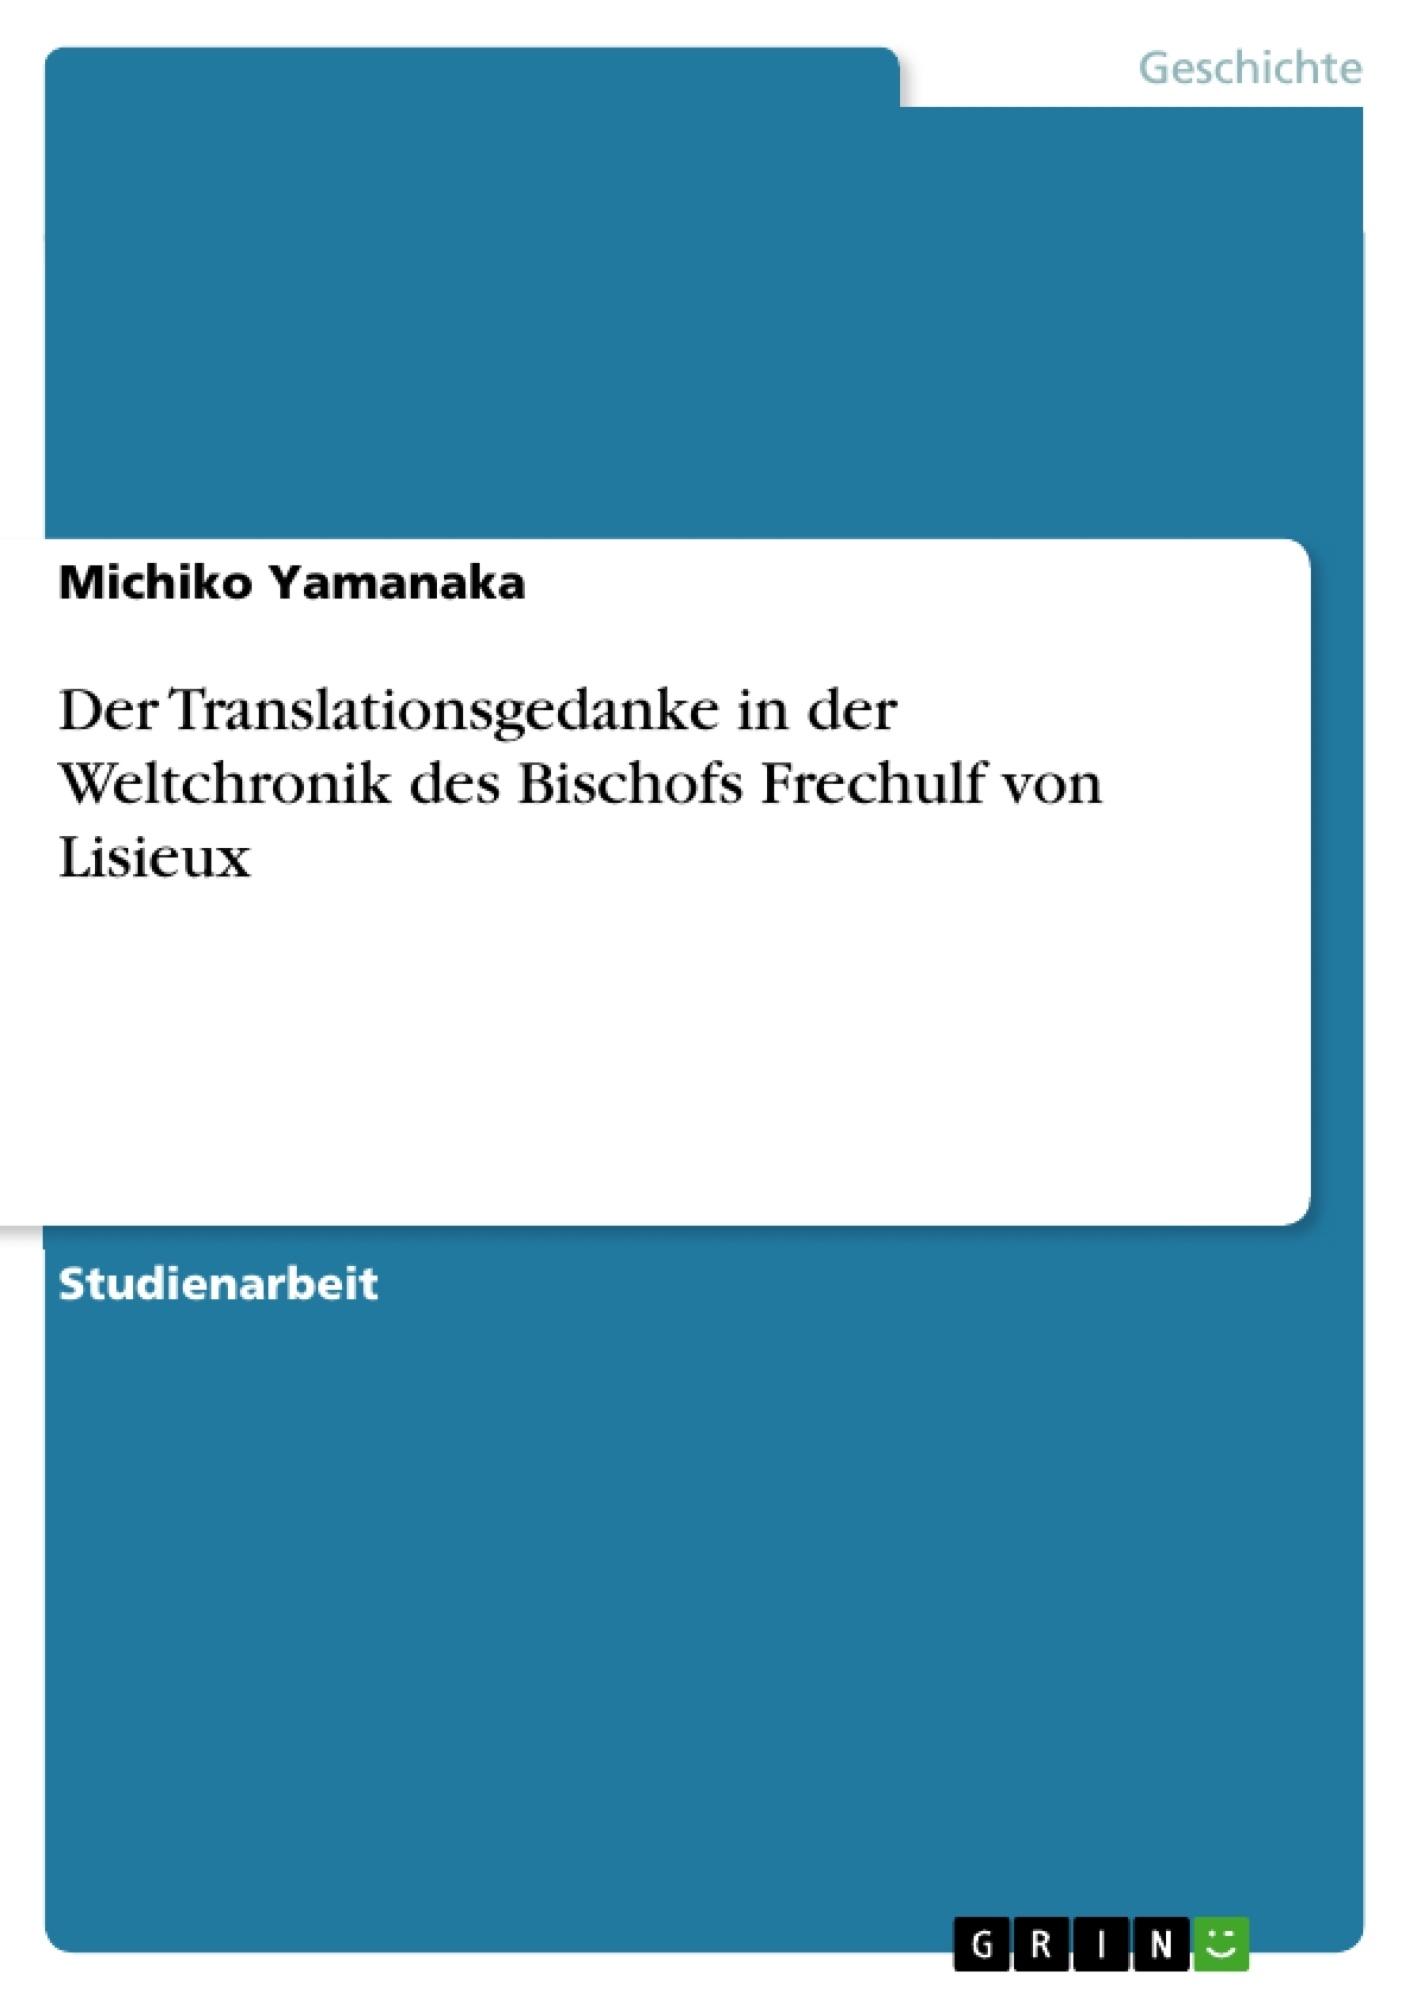 Titel: Der Translationsgedanke in der Weltchronik des Bischofs Frechulf von Lisieux